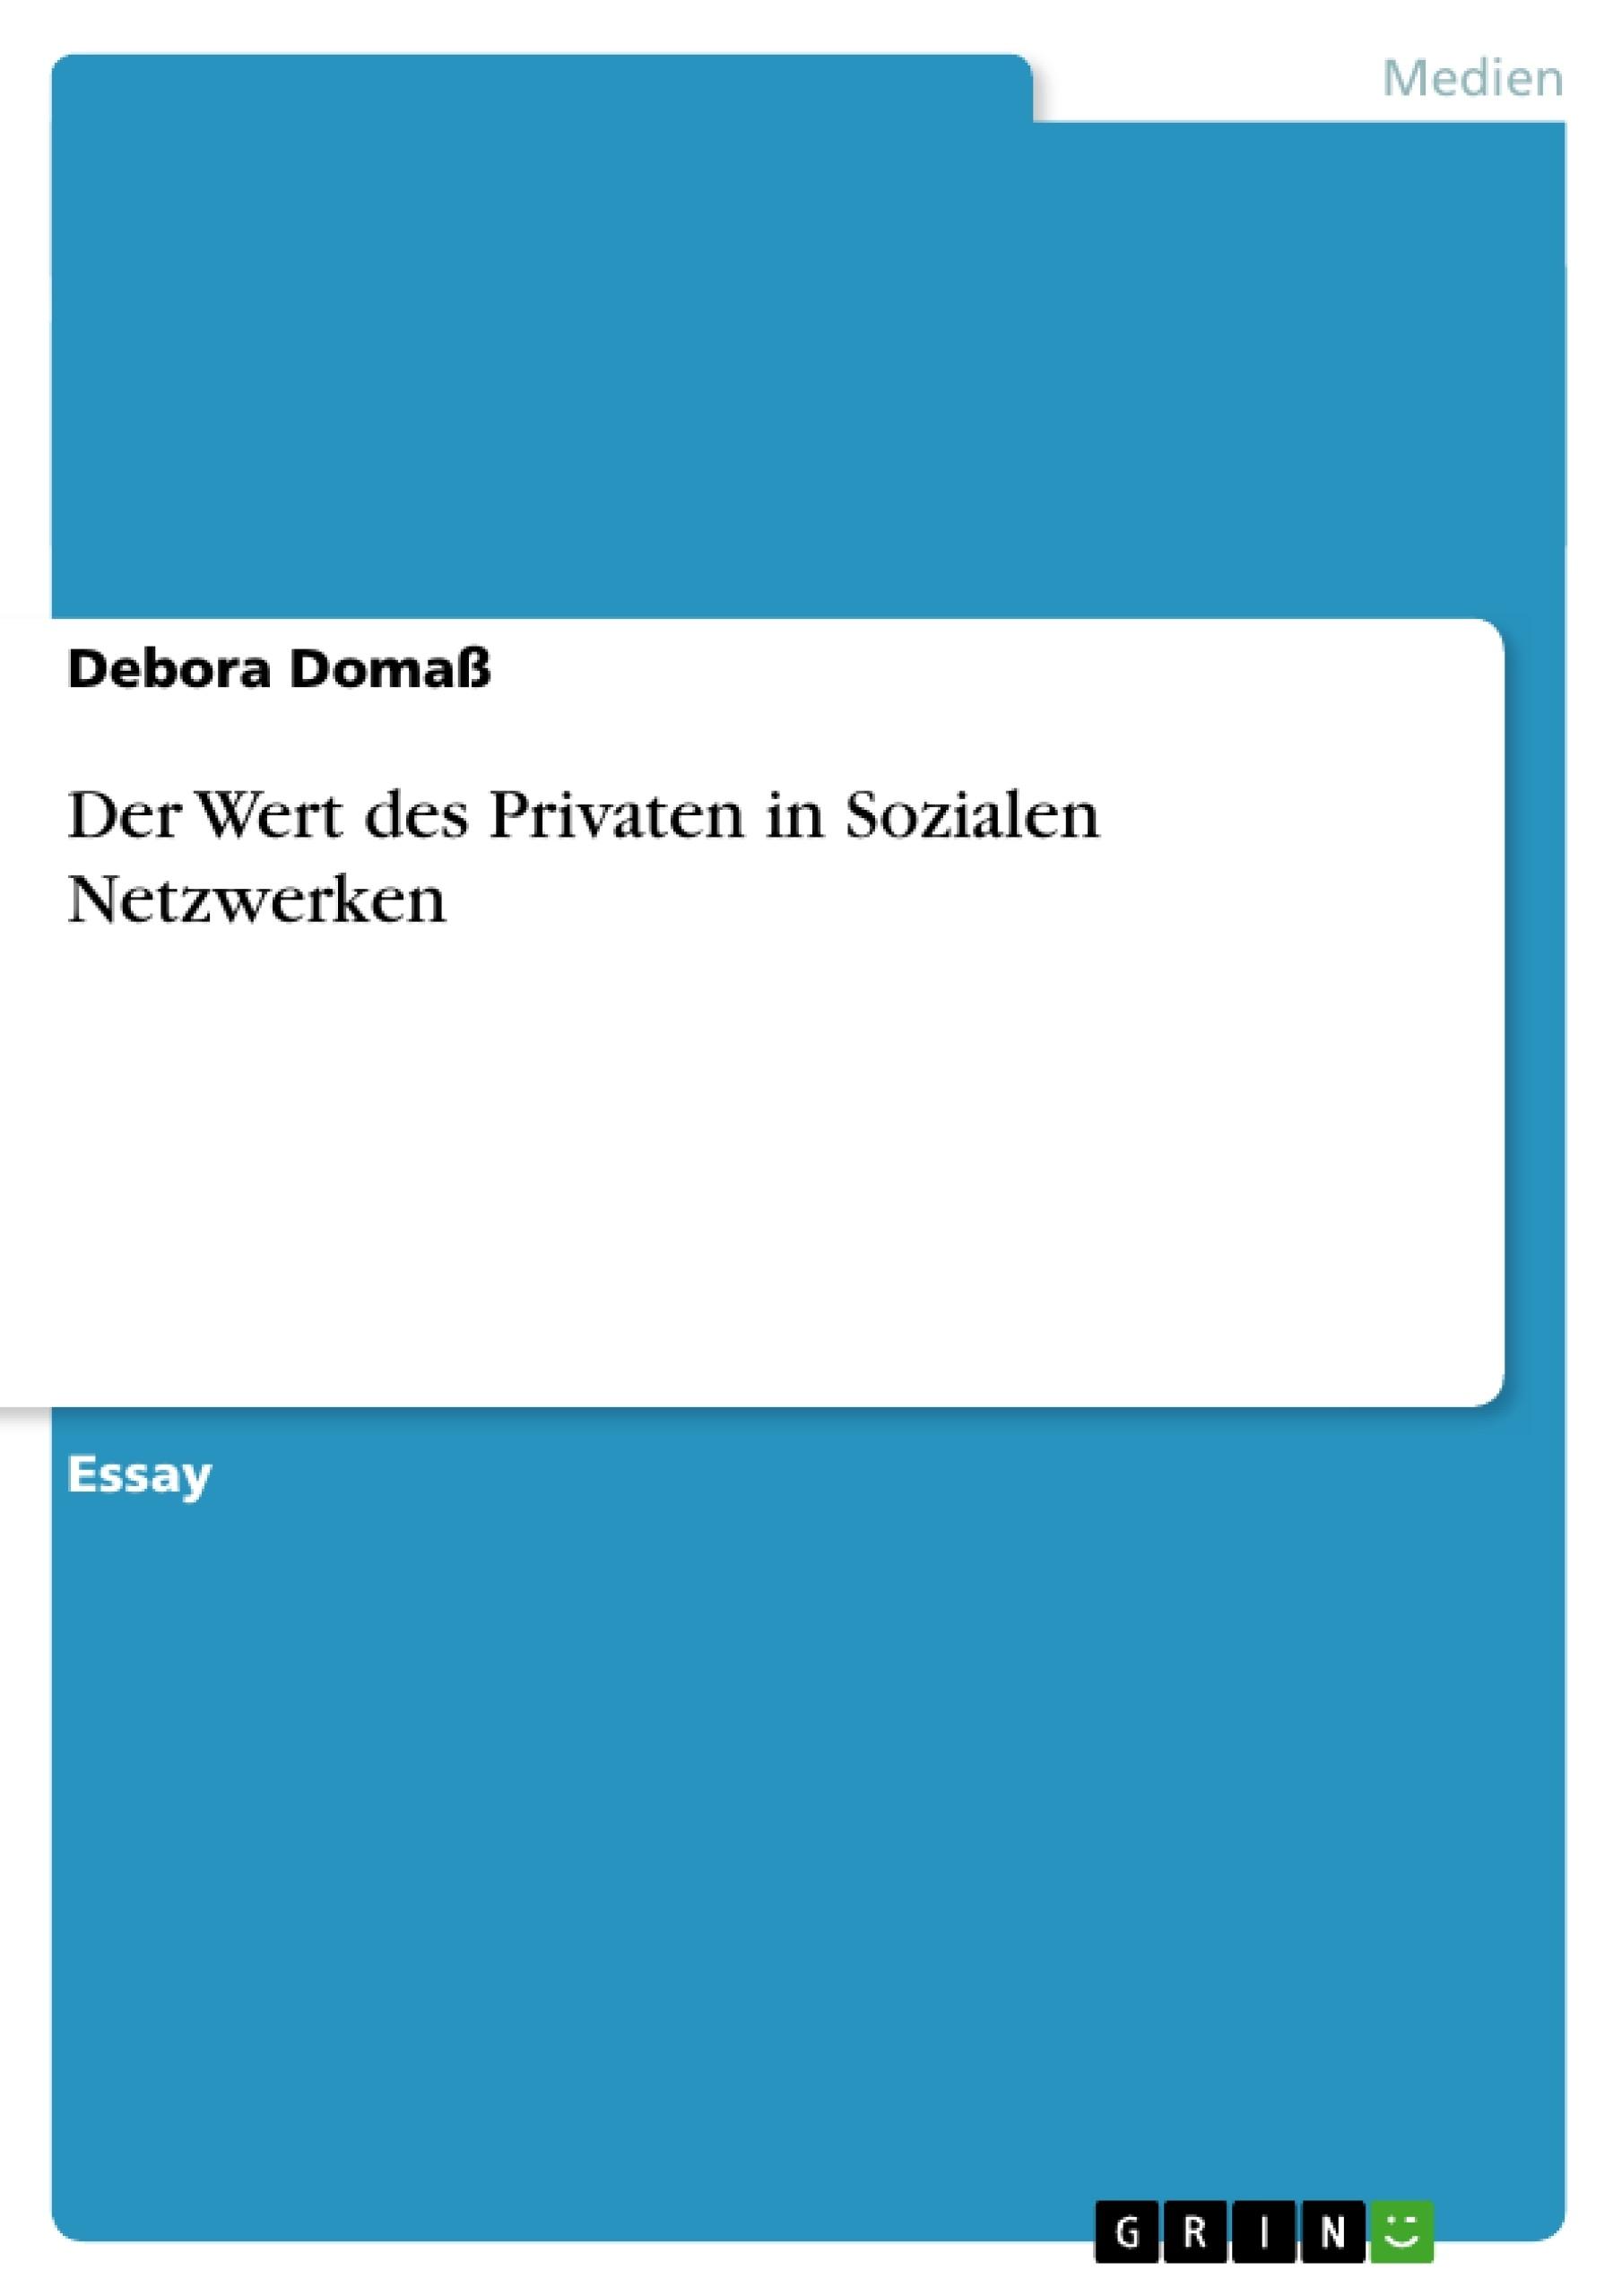 Titel: Der Wert des Privaten in Sozialen Netzwerken